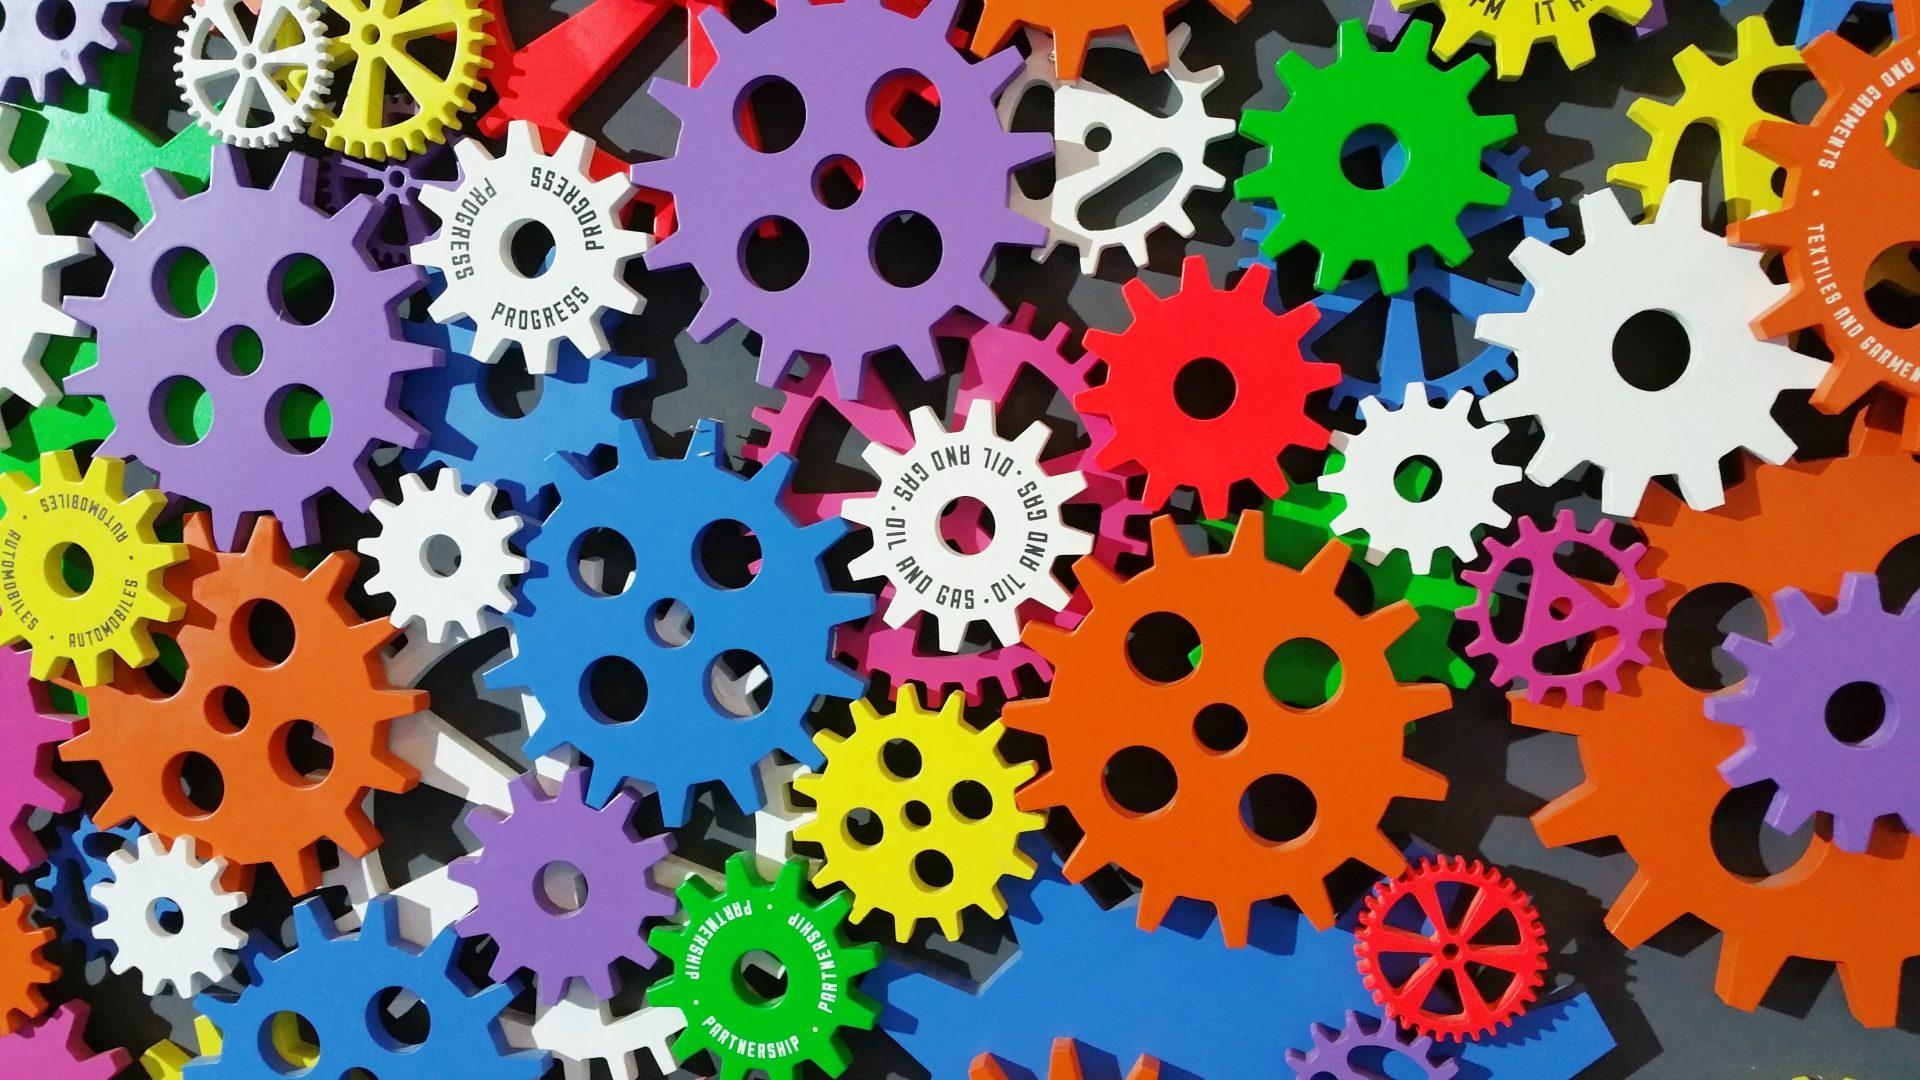 Unkonventionelles Weiterbildungsmodul fördert Innovation & Kreativität